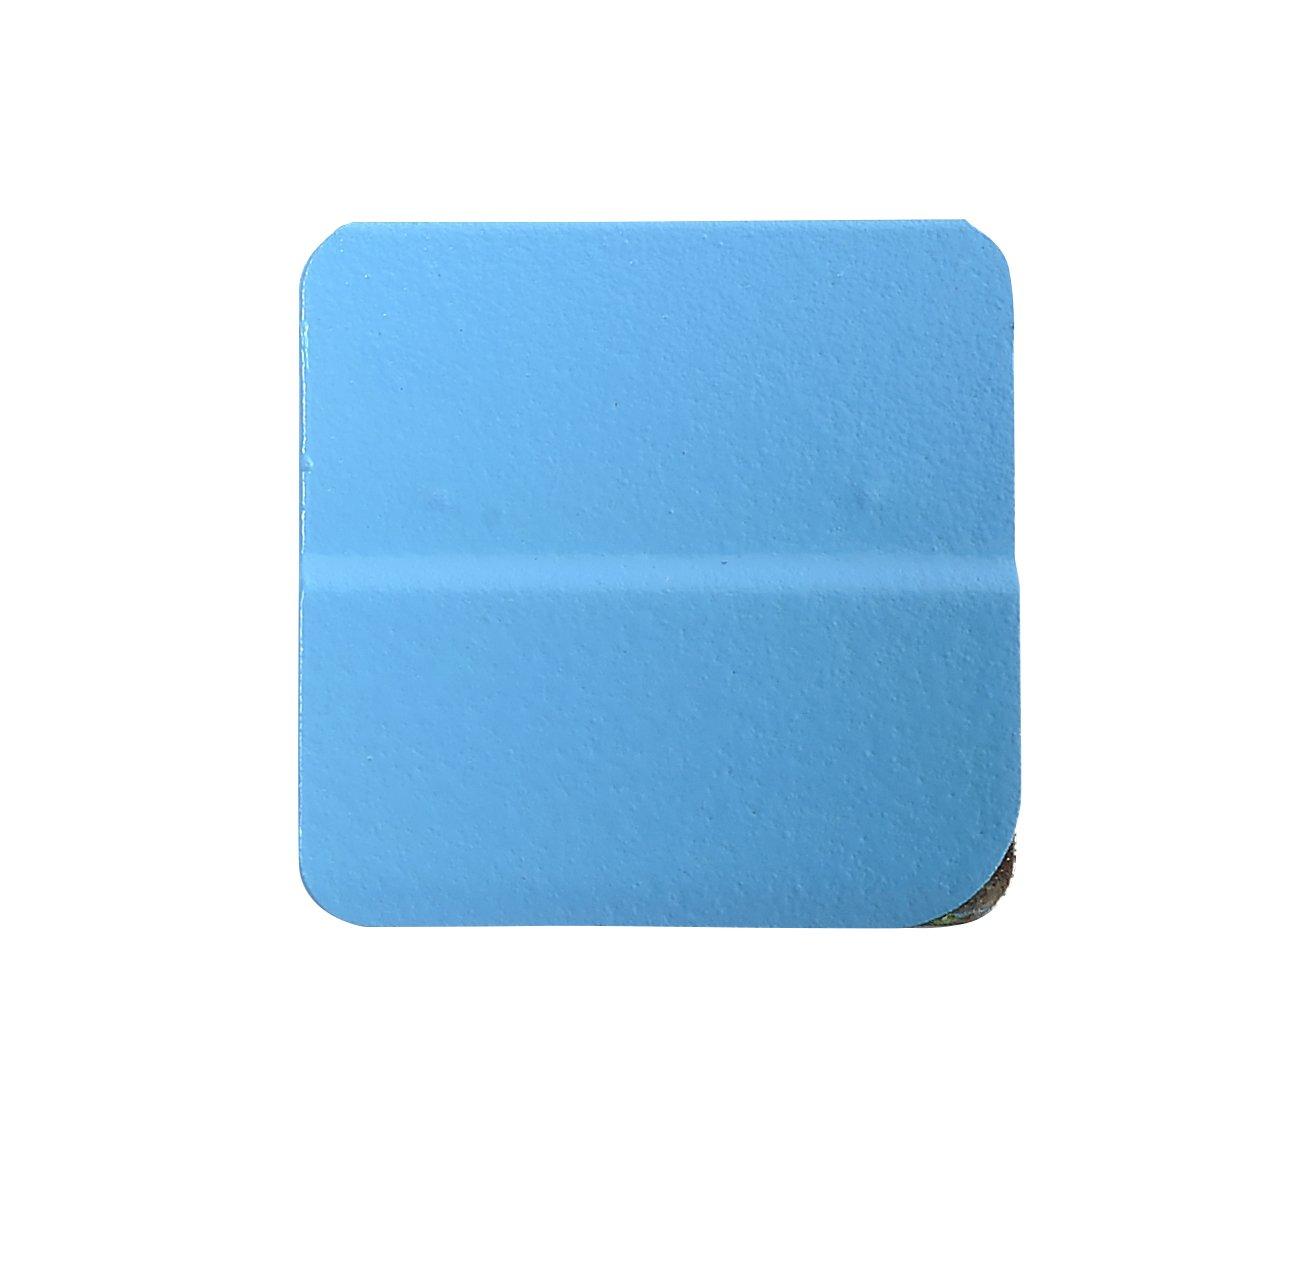 Exacompta 134905b Doppia copertura Reiter (20mm) 25E 20 mm azzurro Exacompta Produkte 134906B